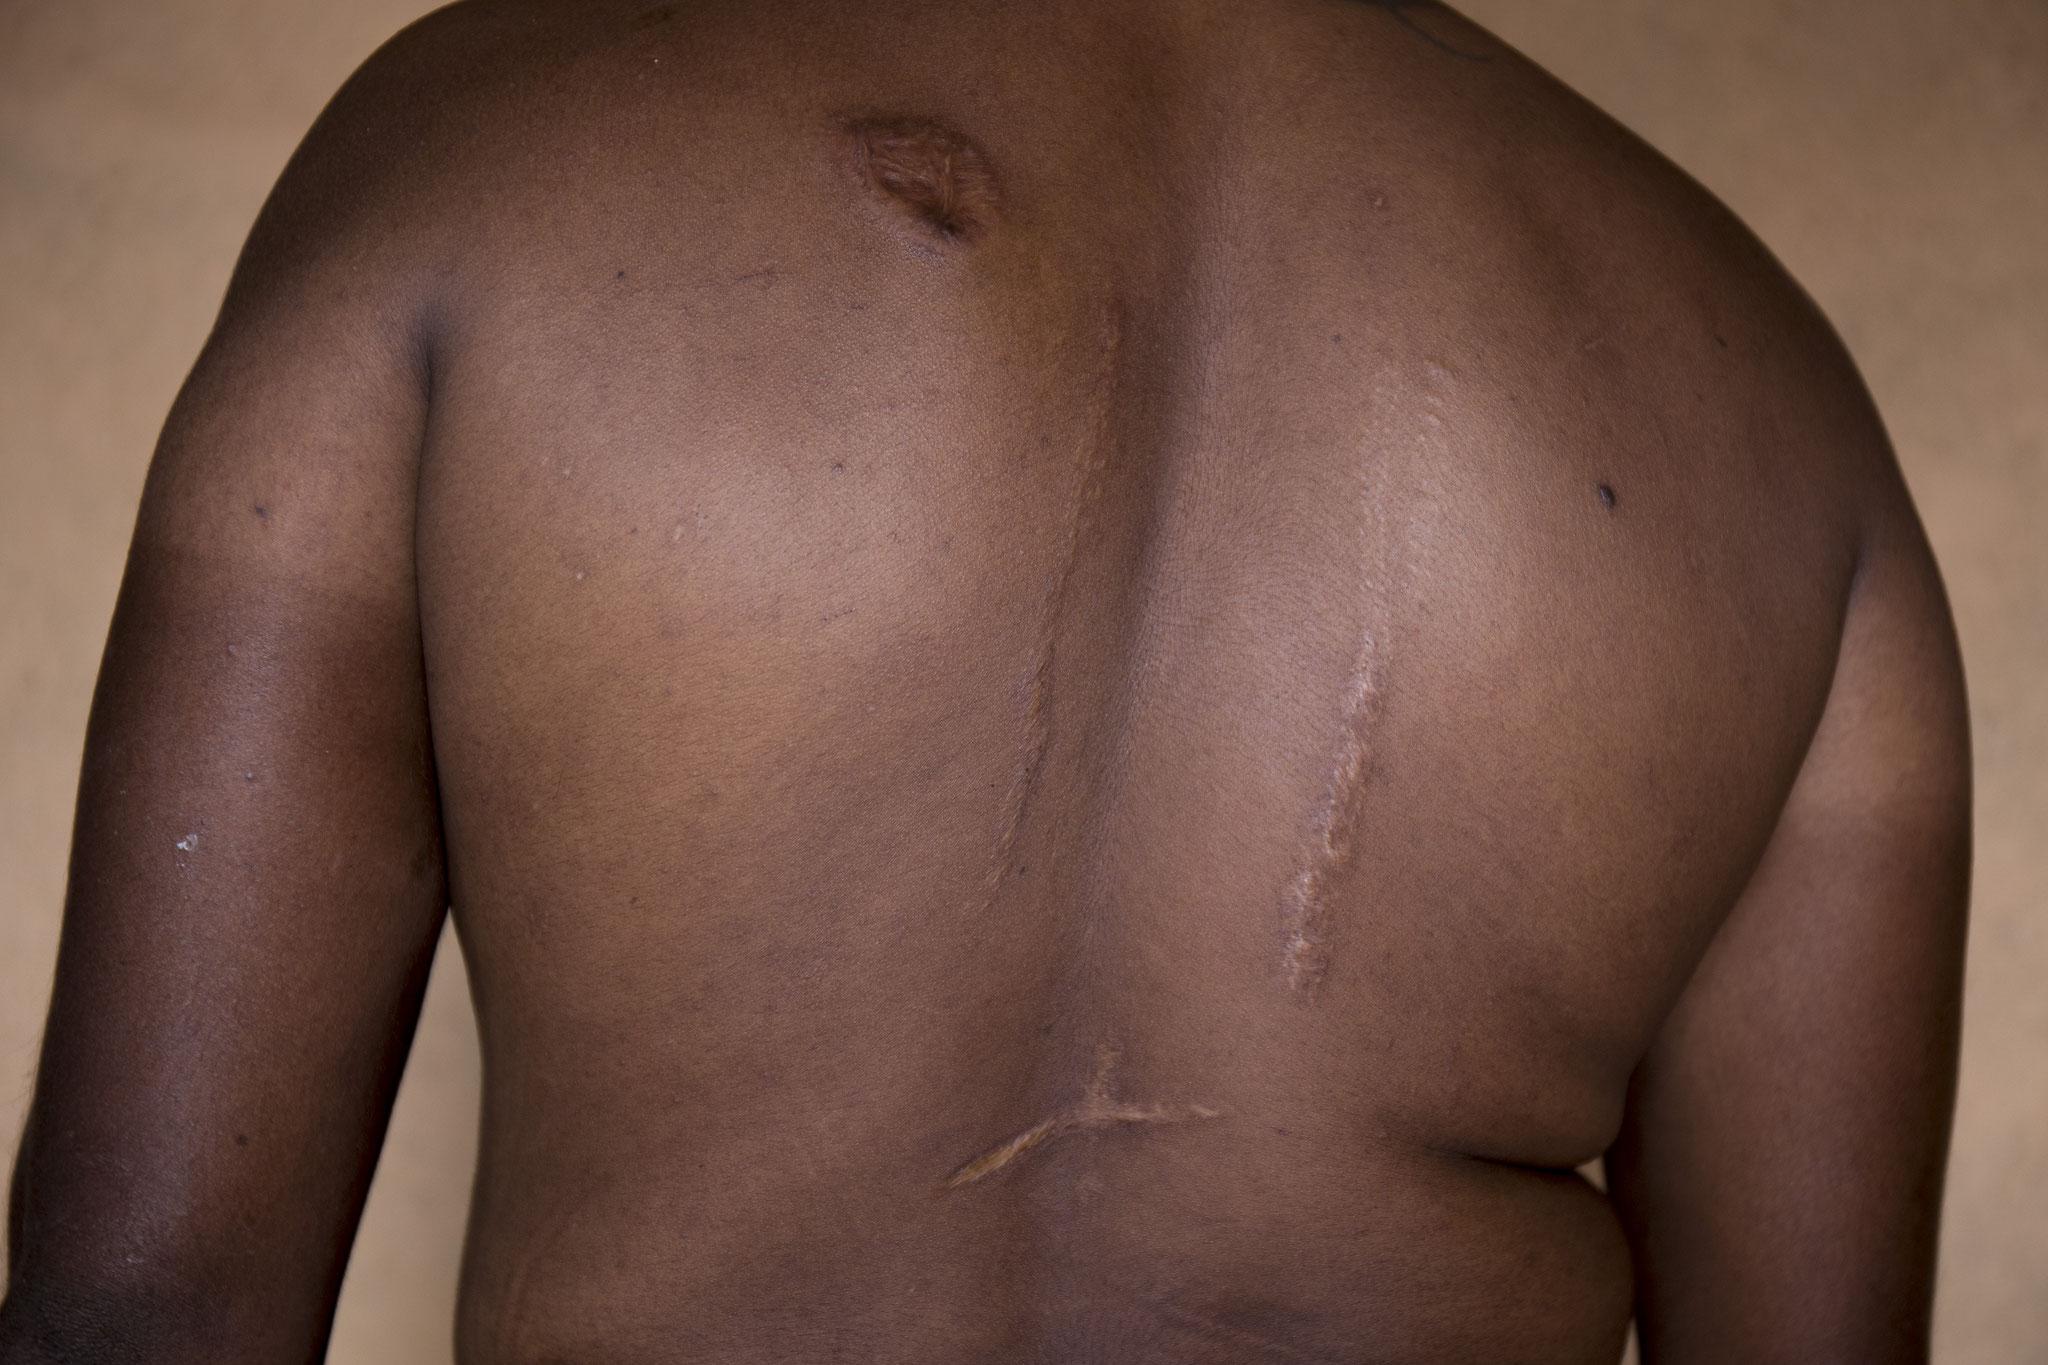 Ein junger Mann wurde auf der Flucht vor dem Bürgerkrieg von Granatensplittern getroffen. Damals war er 14 Jahre alt. Heute lebt er mit seiner 12-köpfigen Familie im Dorf der Vertriebenen in einem Haus. Keerimalai, 2018